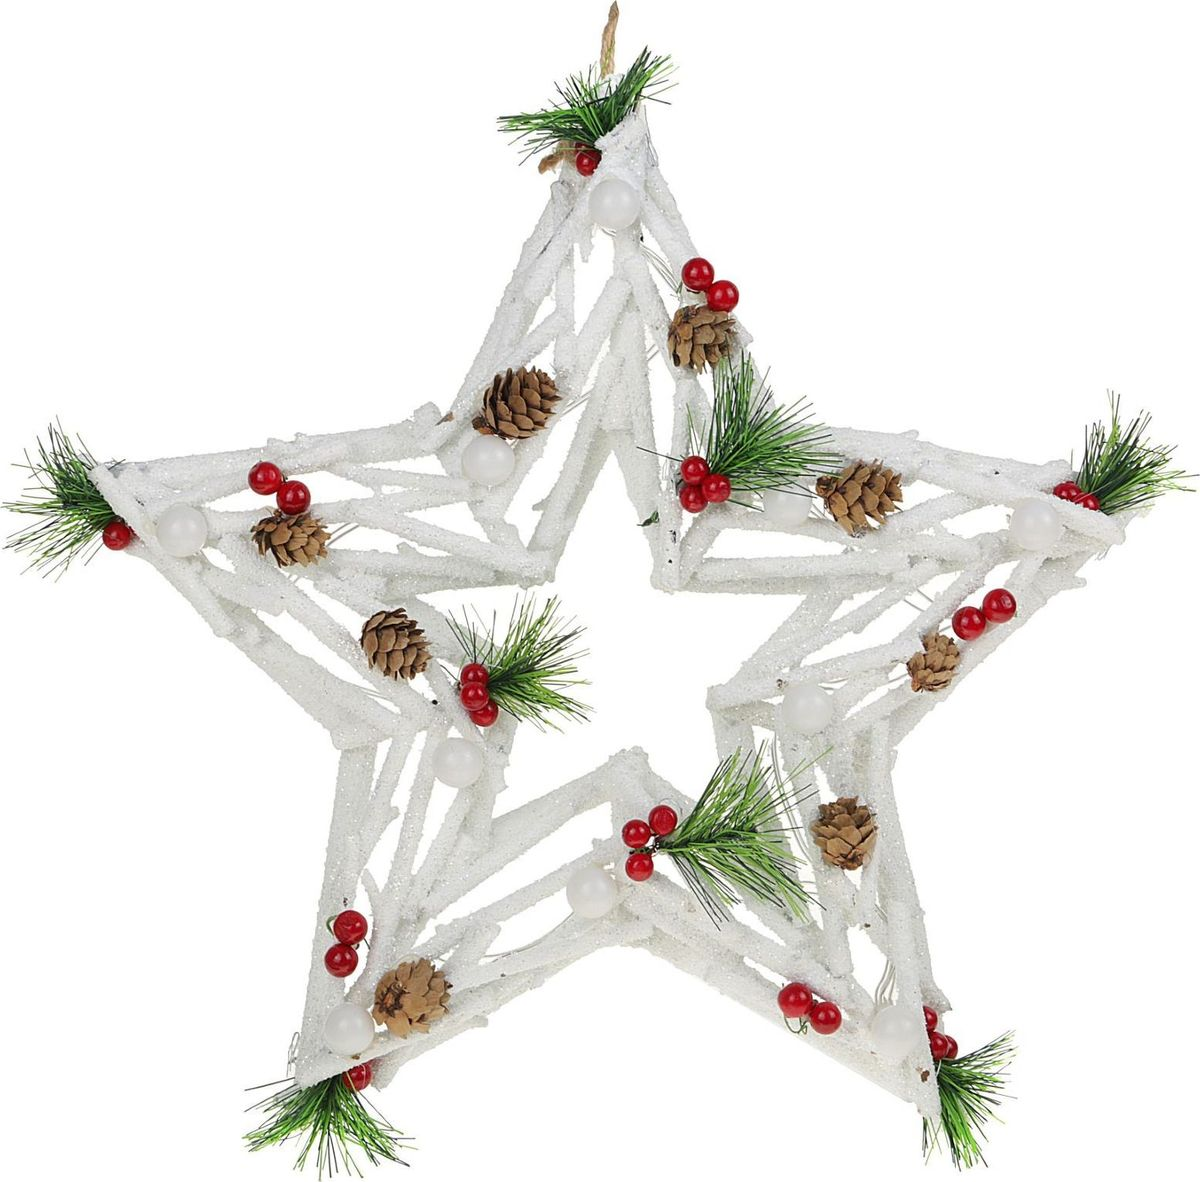 Новогоднее декоративное украшение Sima-land Звезда из белых веток, со светодиодной подсветкой, диаметр 40 см елочные украшения русские подарки декоративное украшение с led подсветкой